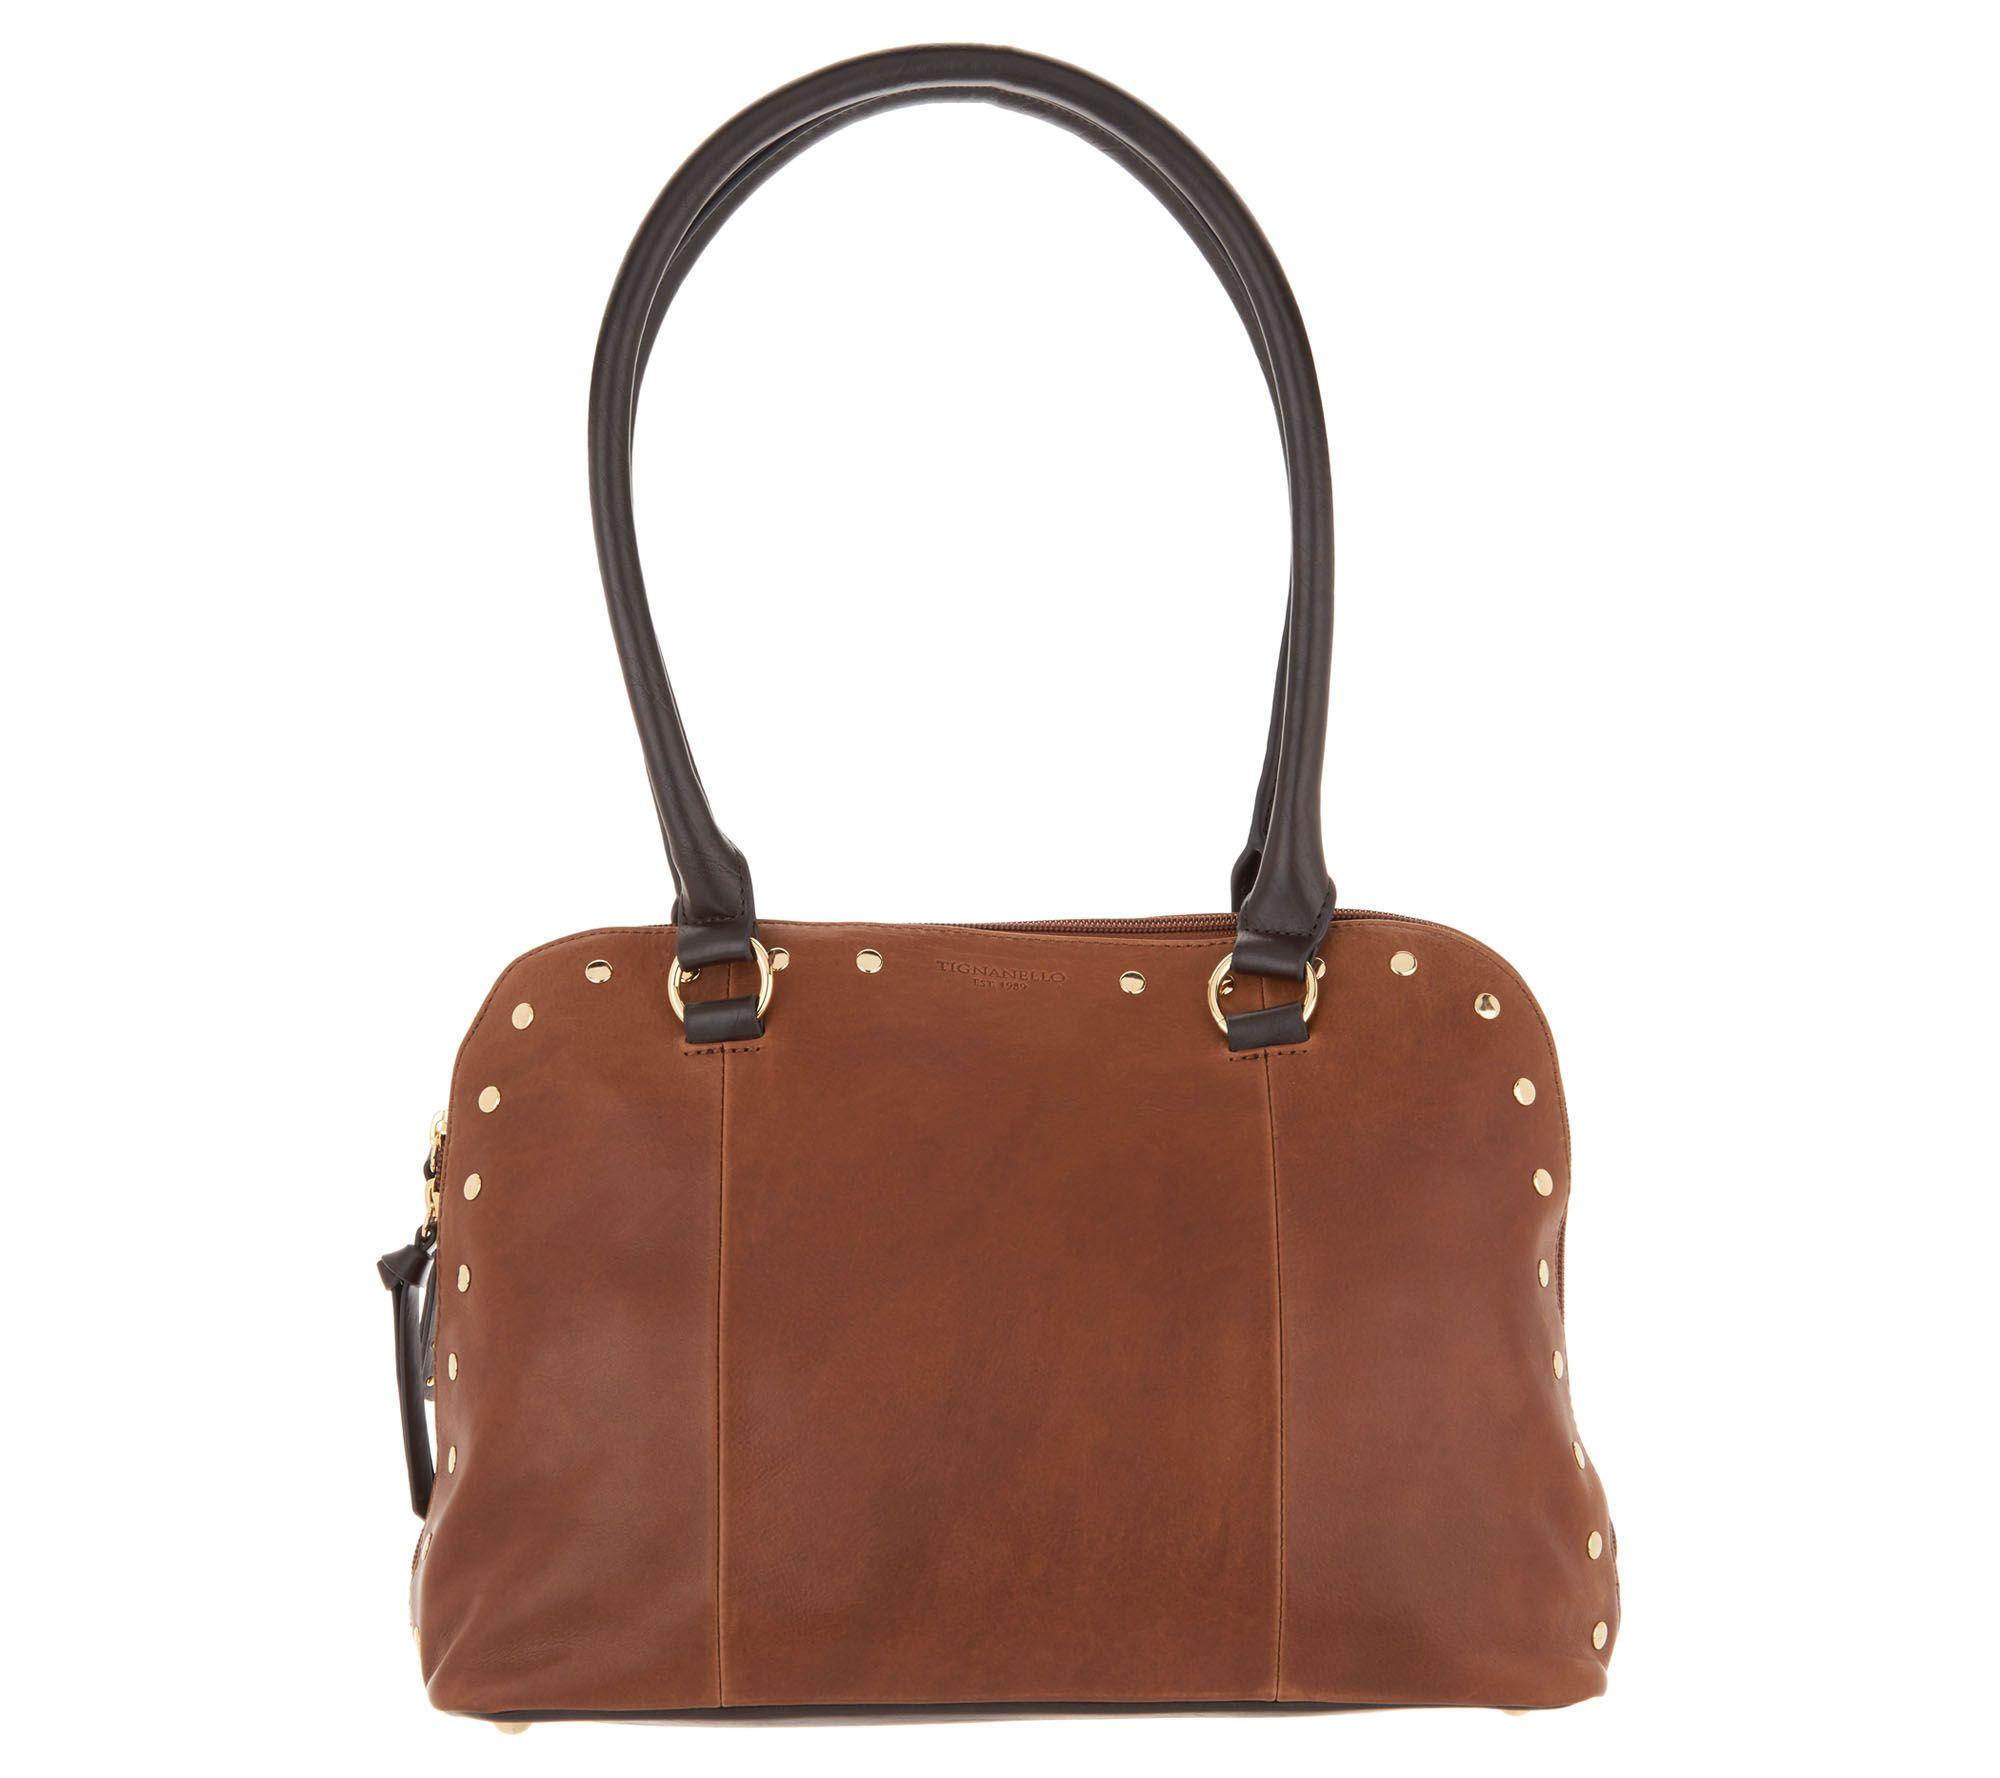 Tignanello Vintage Leather Mojave Dome Per Handbag A296554